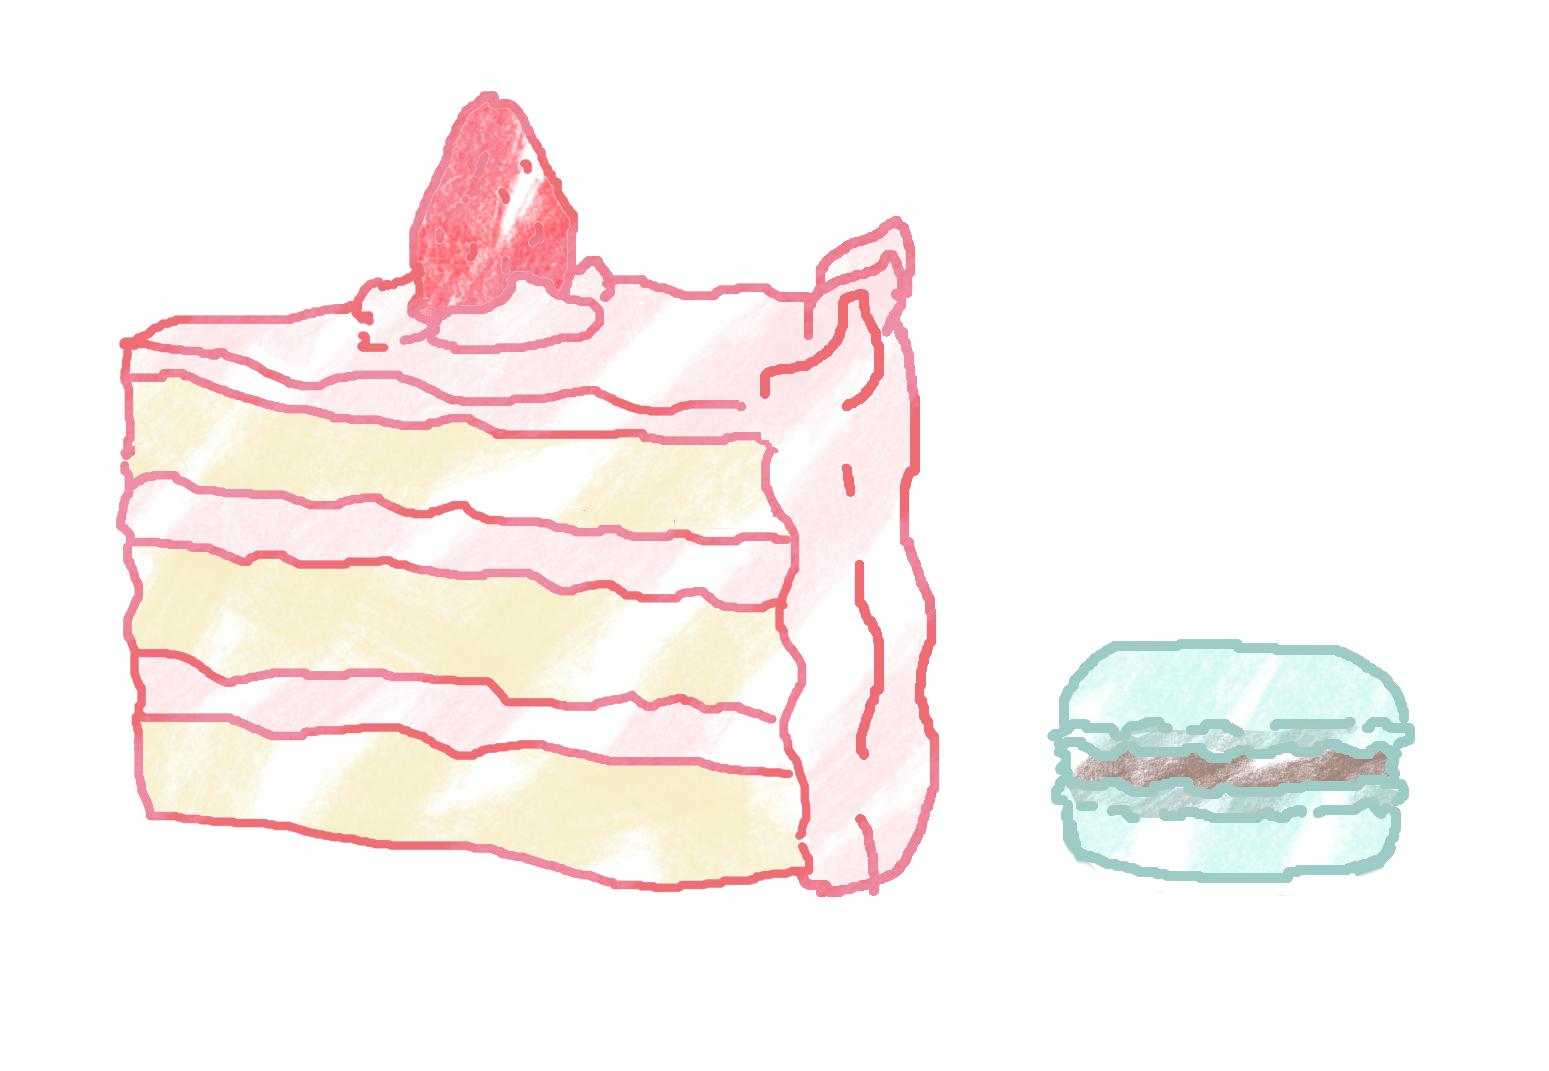 케이크와 마카롱 사진